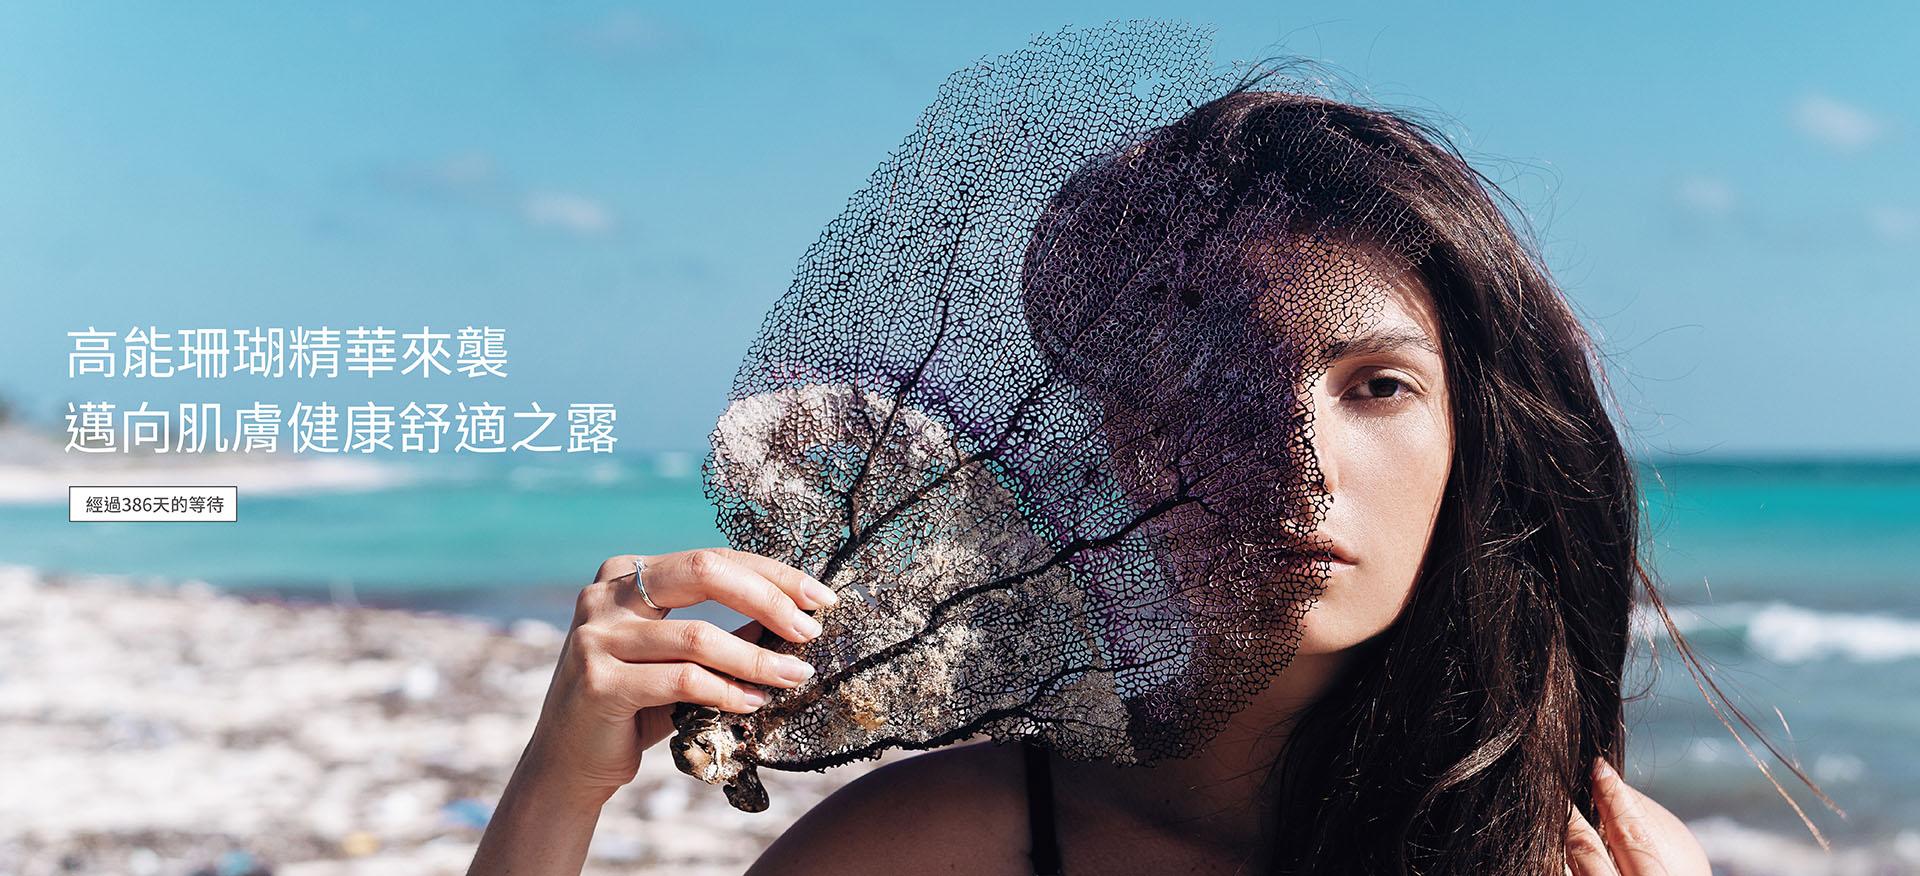 珊瑚安異舒敏精華露與珊瑚安異舒敏潔面乳高能上市!